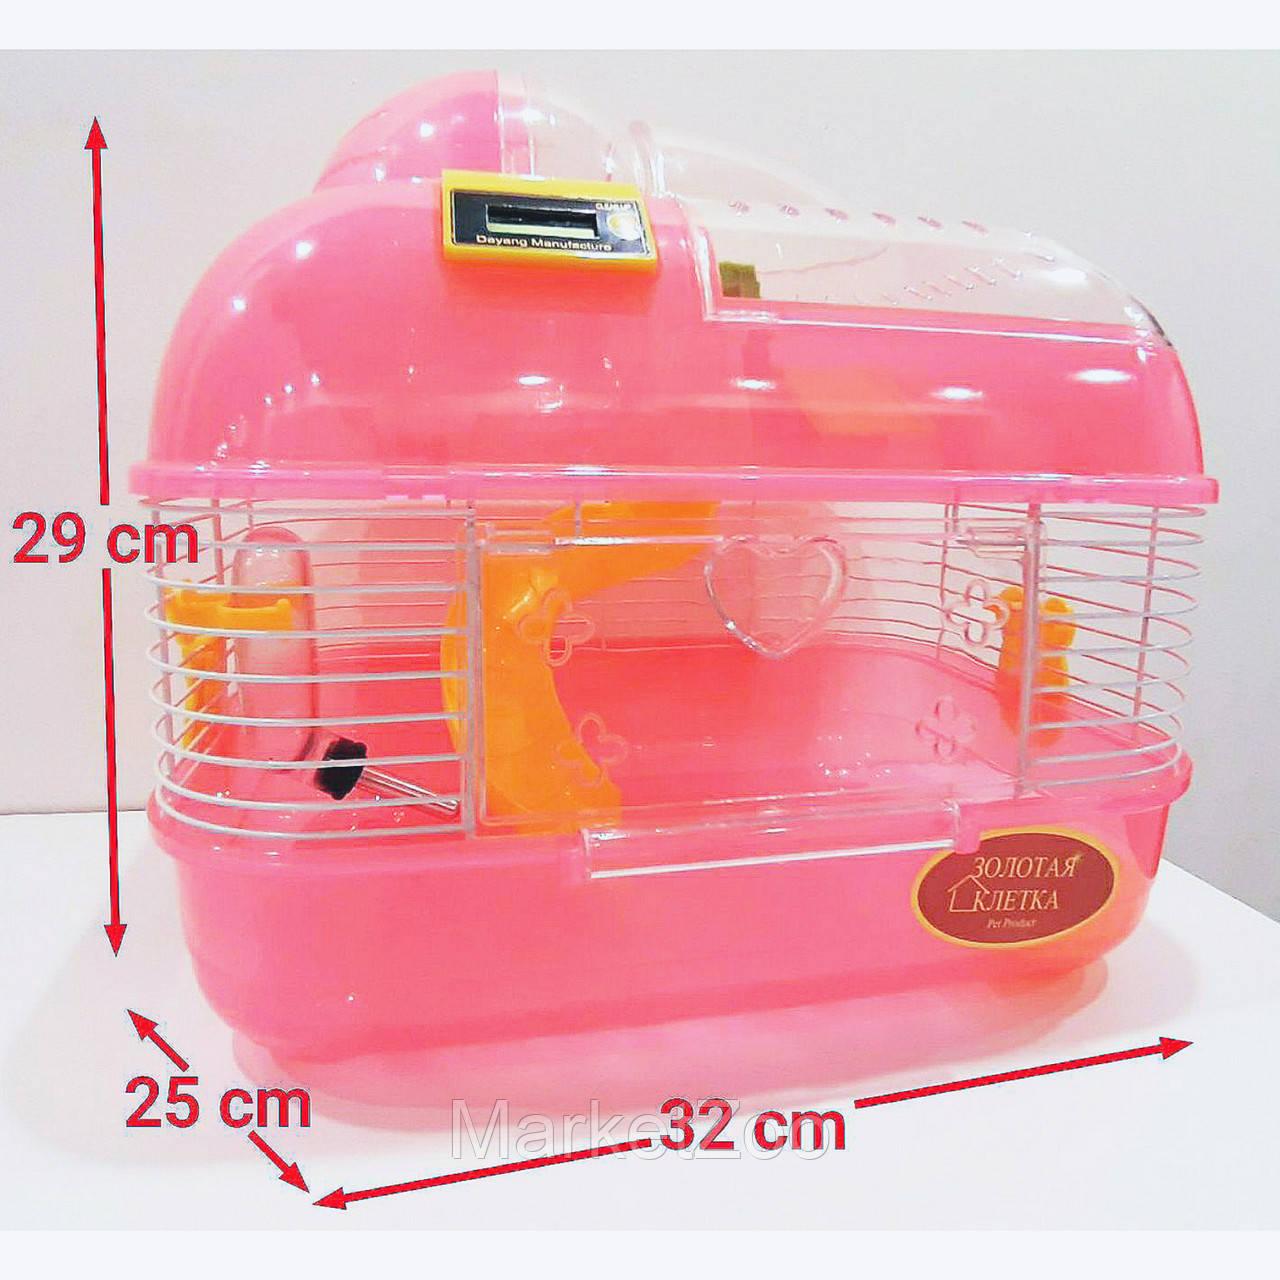 Клетка для грызунов М02 со счетчиком